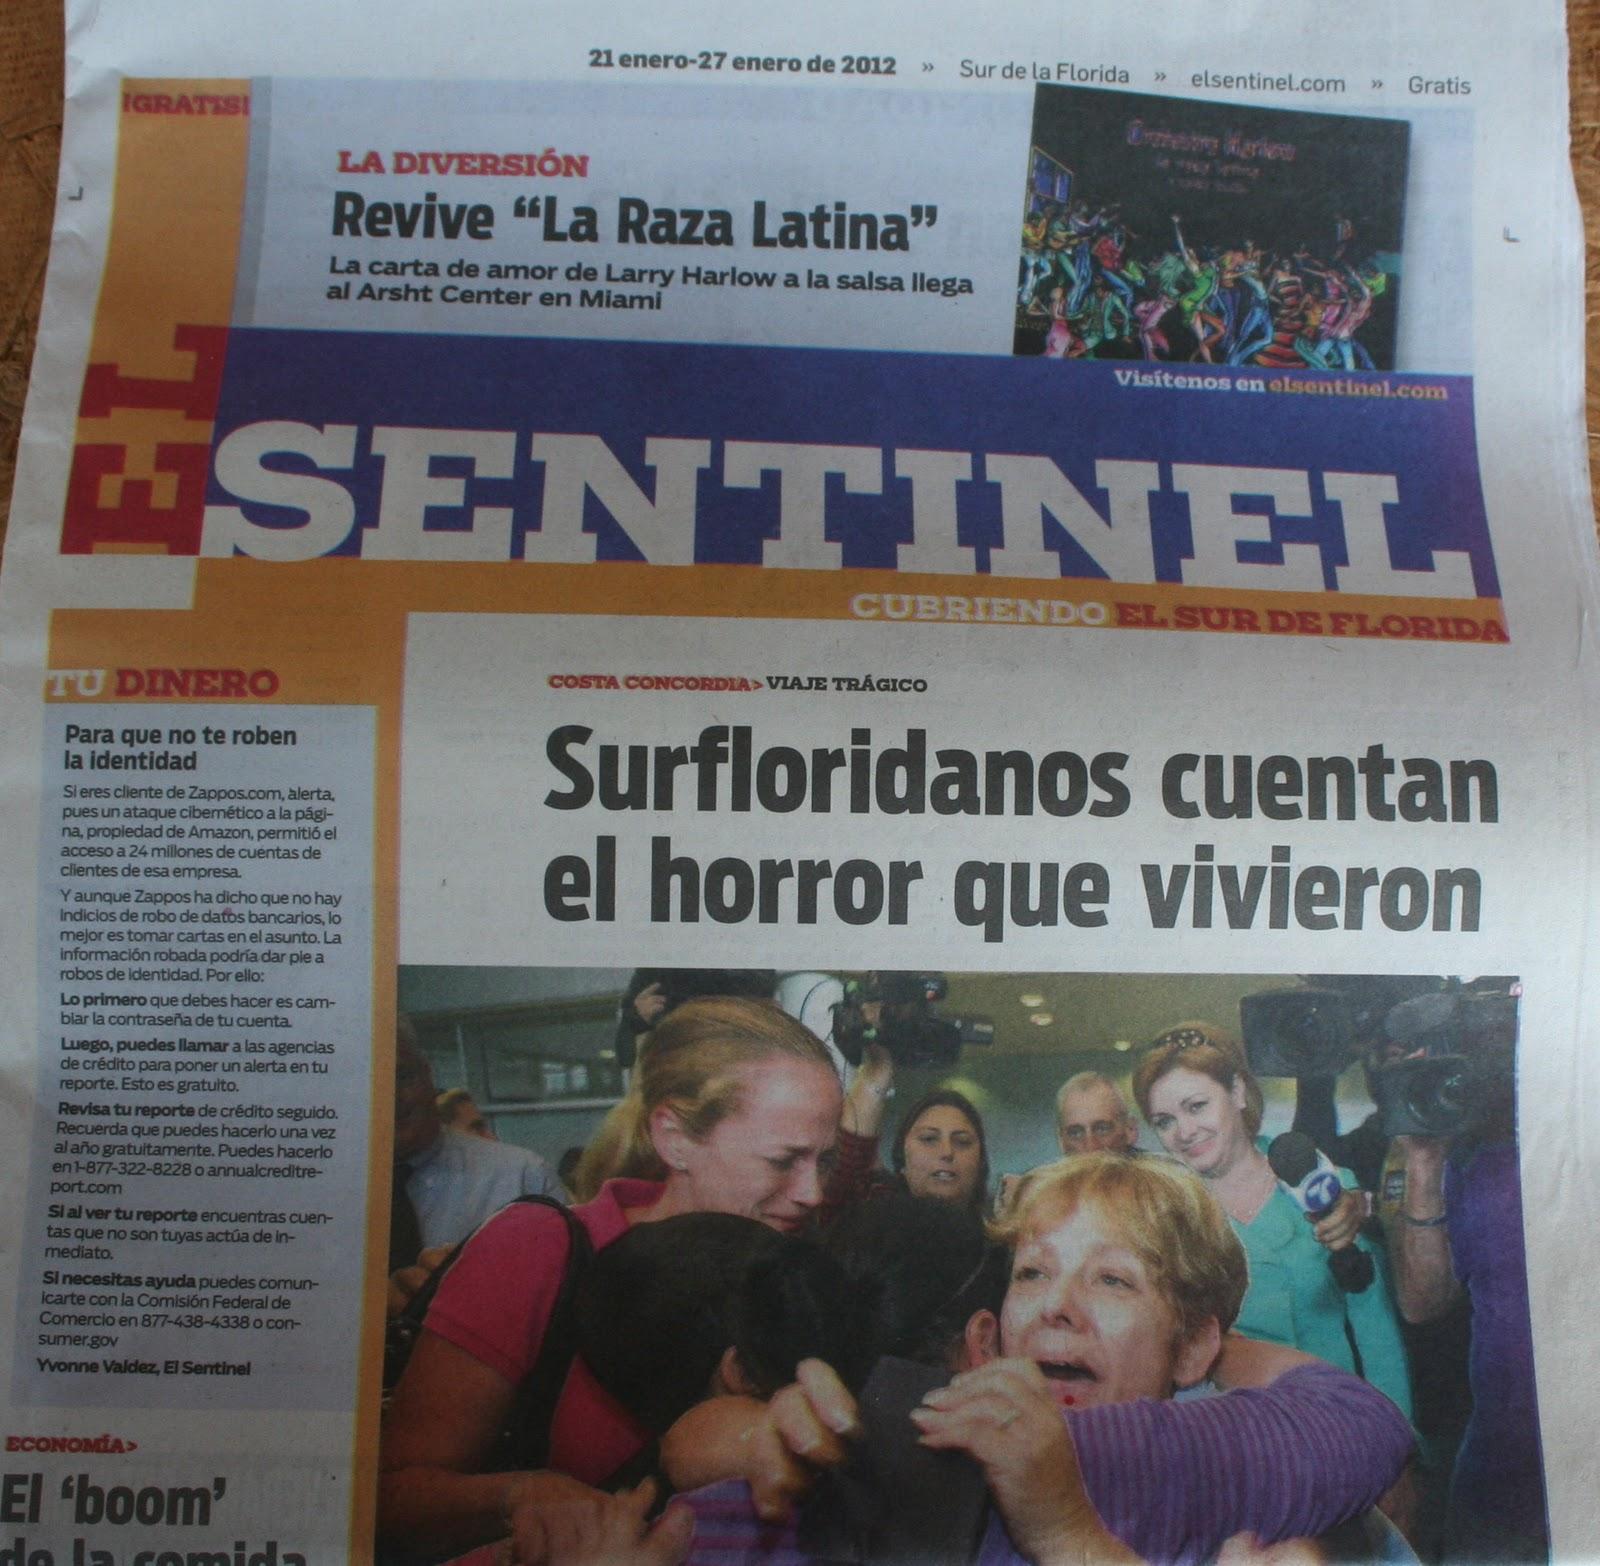 Sun sentinel deals blog